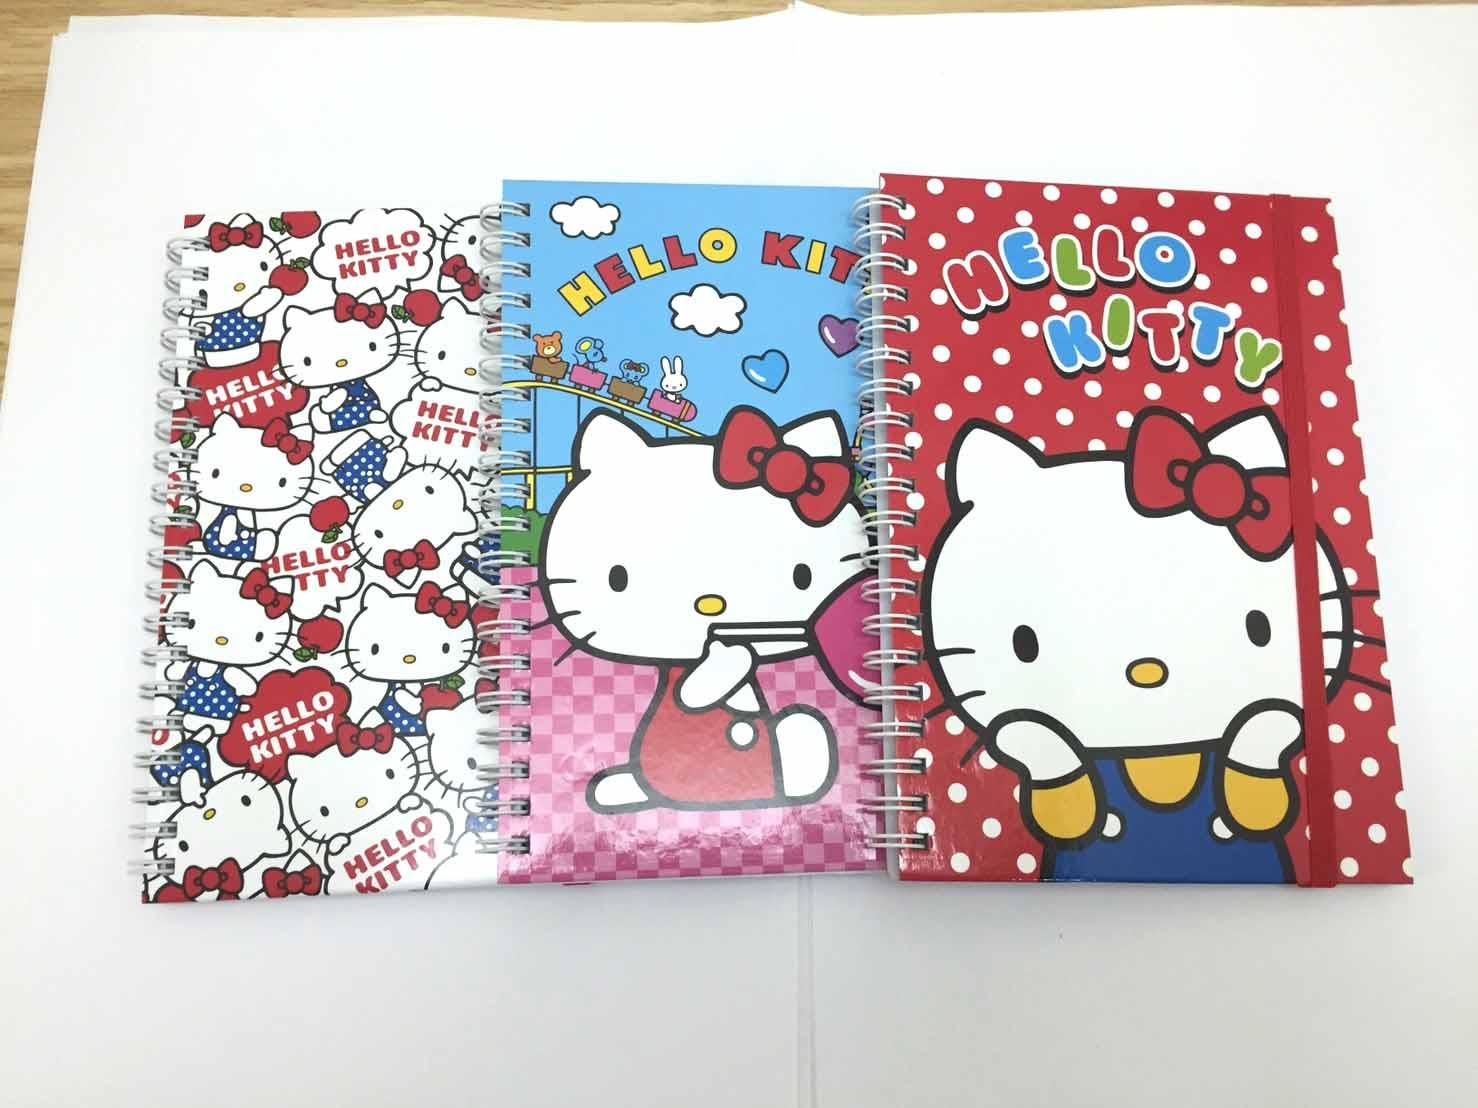 【真愛日本】17041100009 束帶筆記本L-KT3款 三麗鷗 Hello Kitty 凱蒂貓 記事本 筆記本